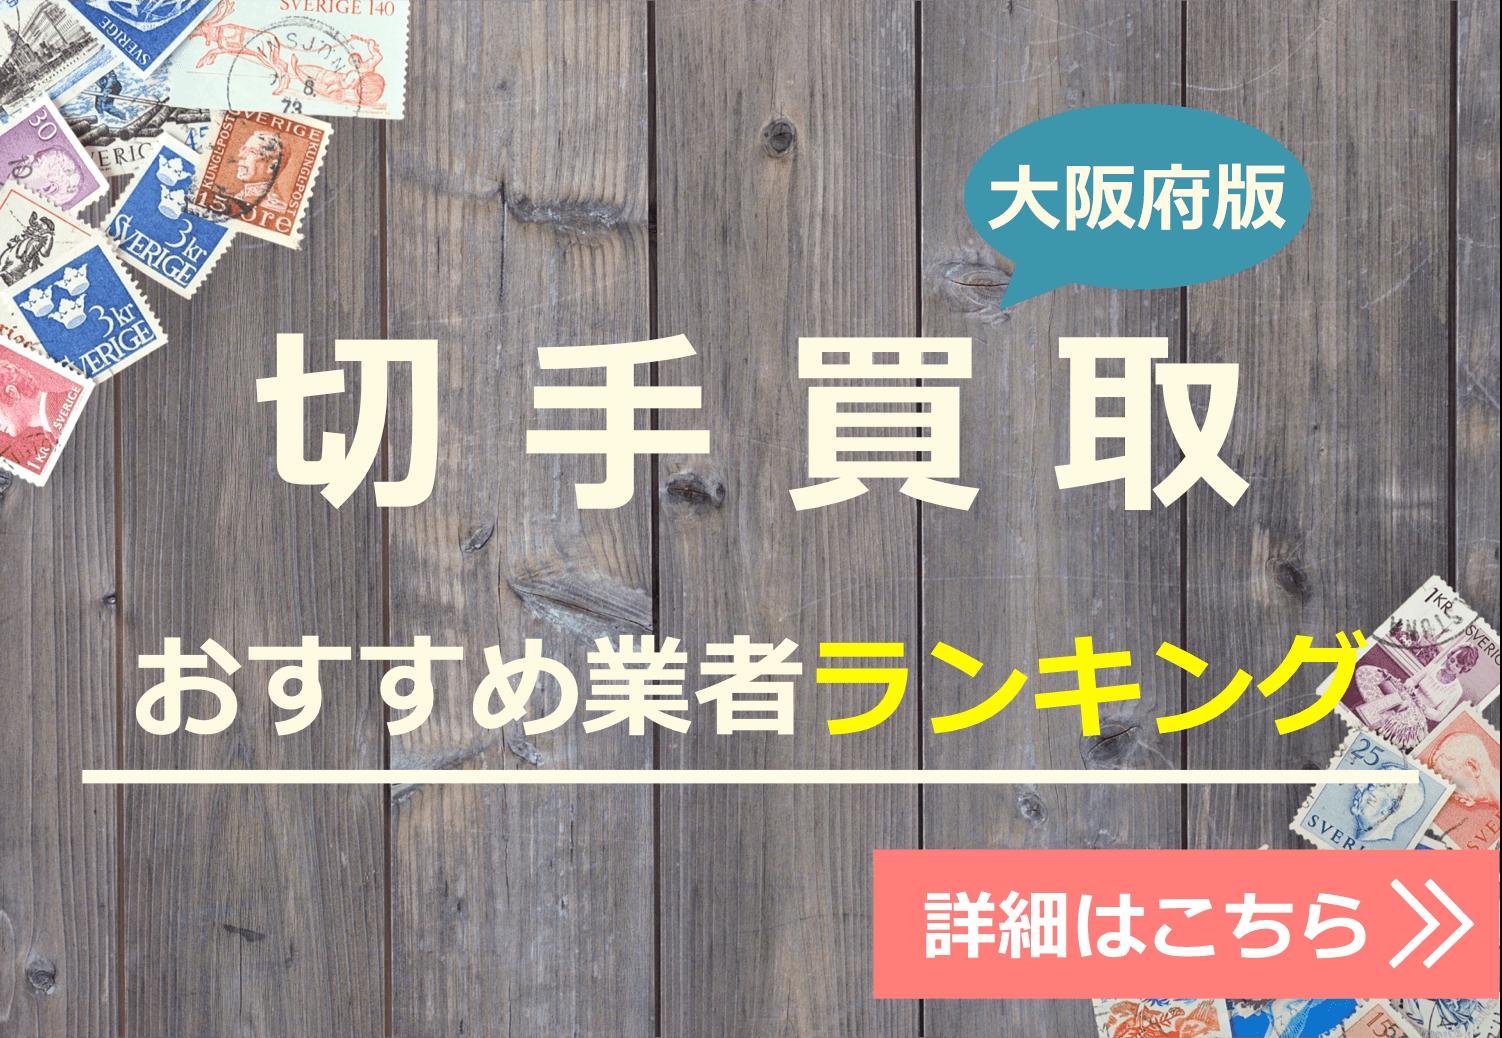 大阪府でおすすめの大手の切手買取業者ナビゲーション